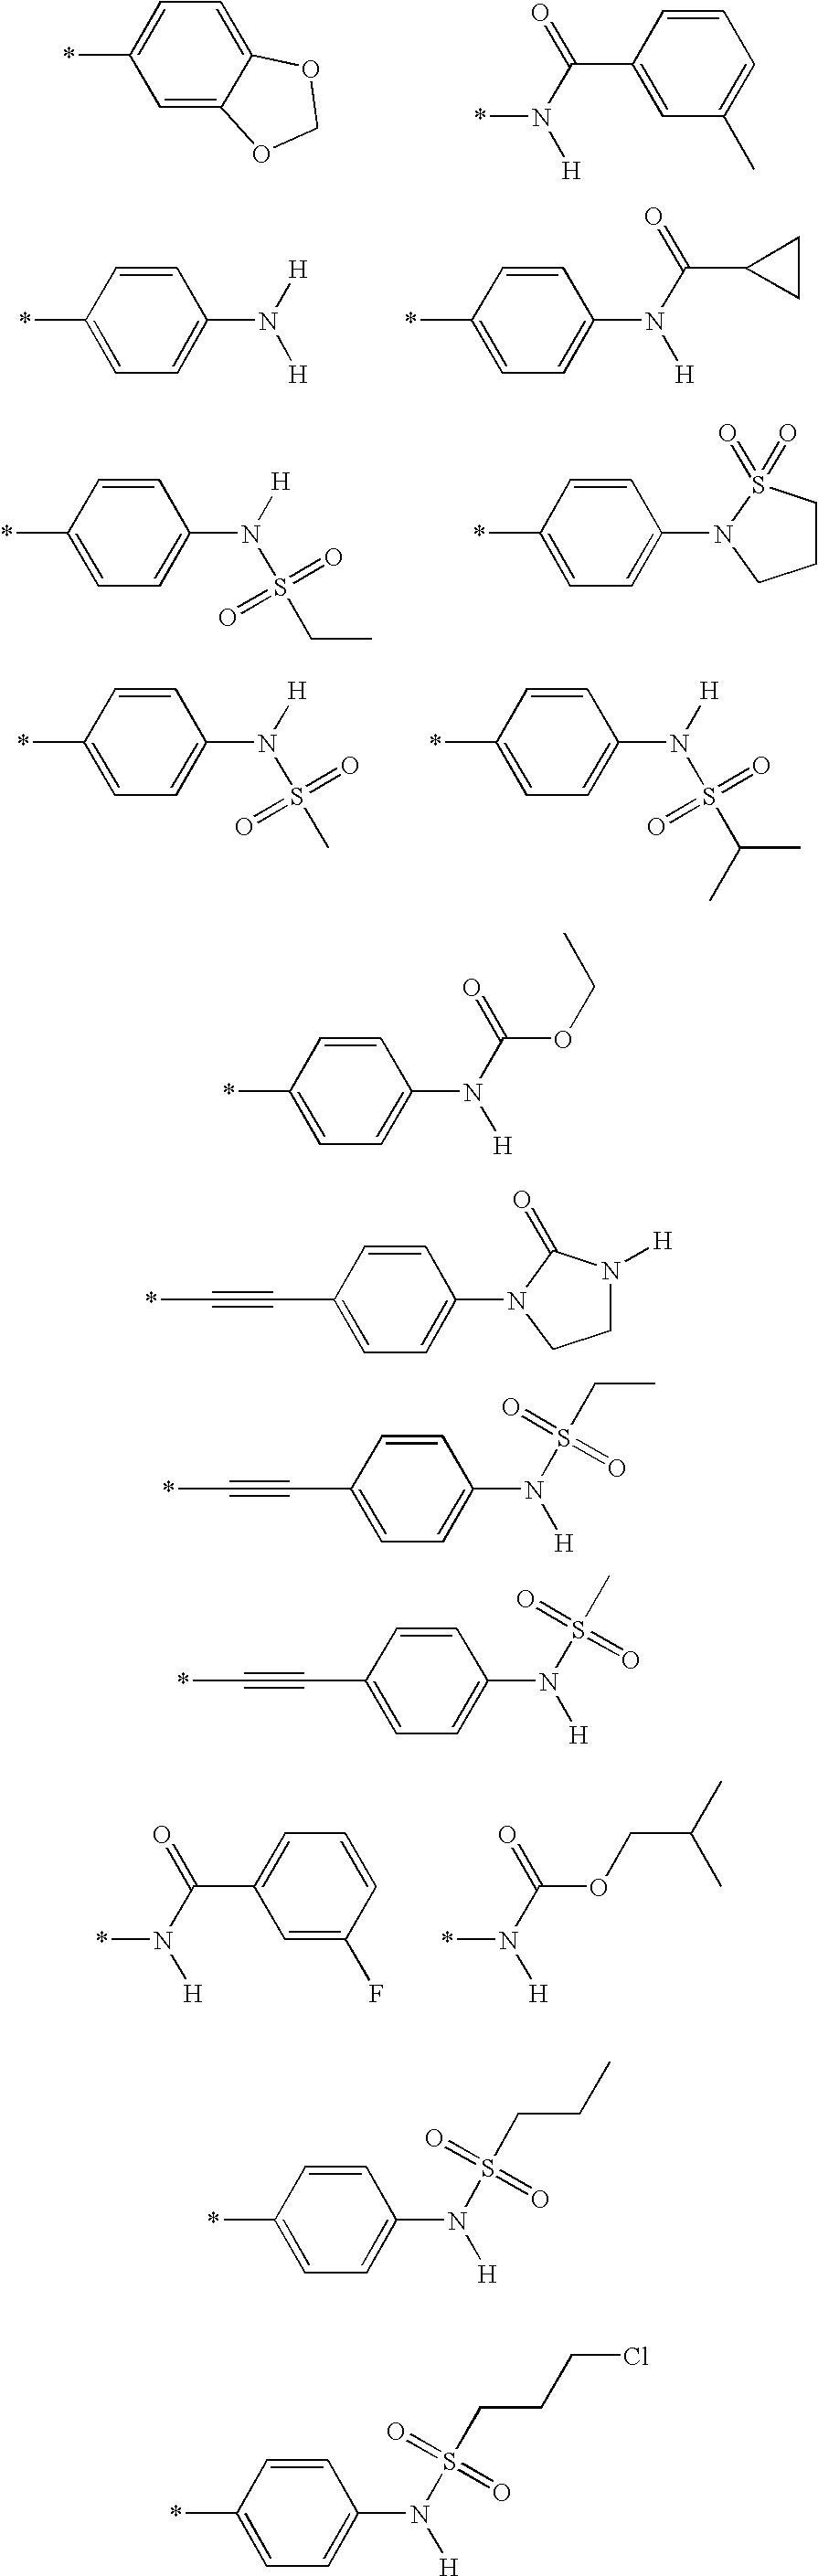 Figure US07781478-20100824-C00157